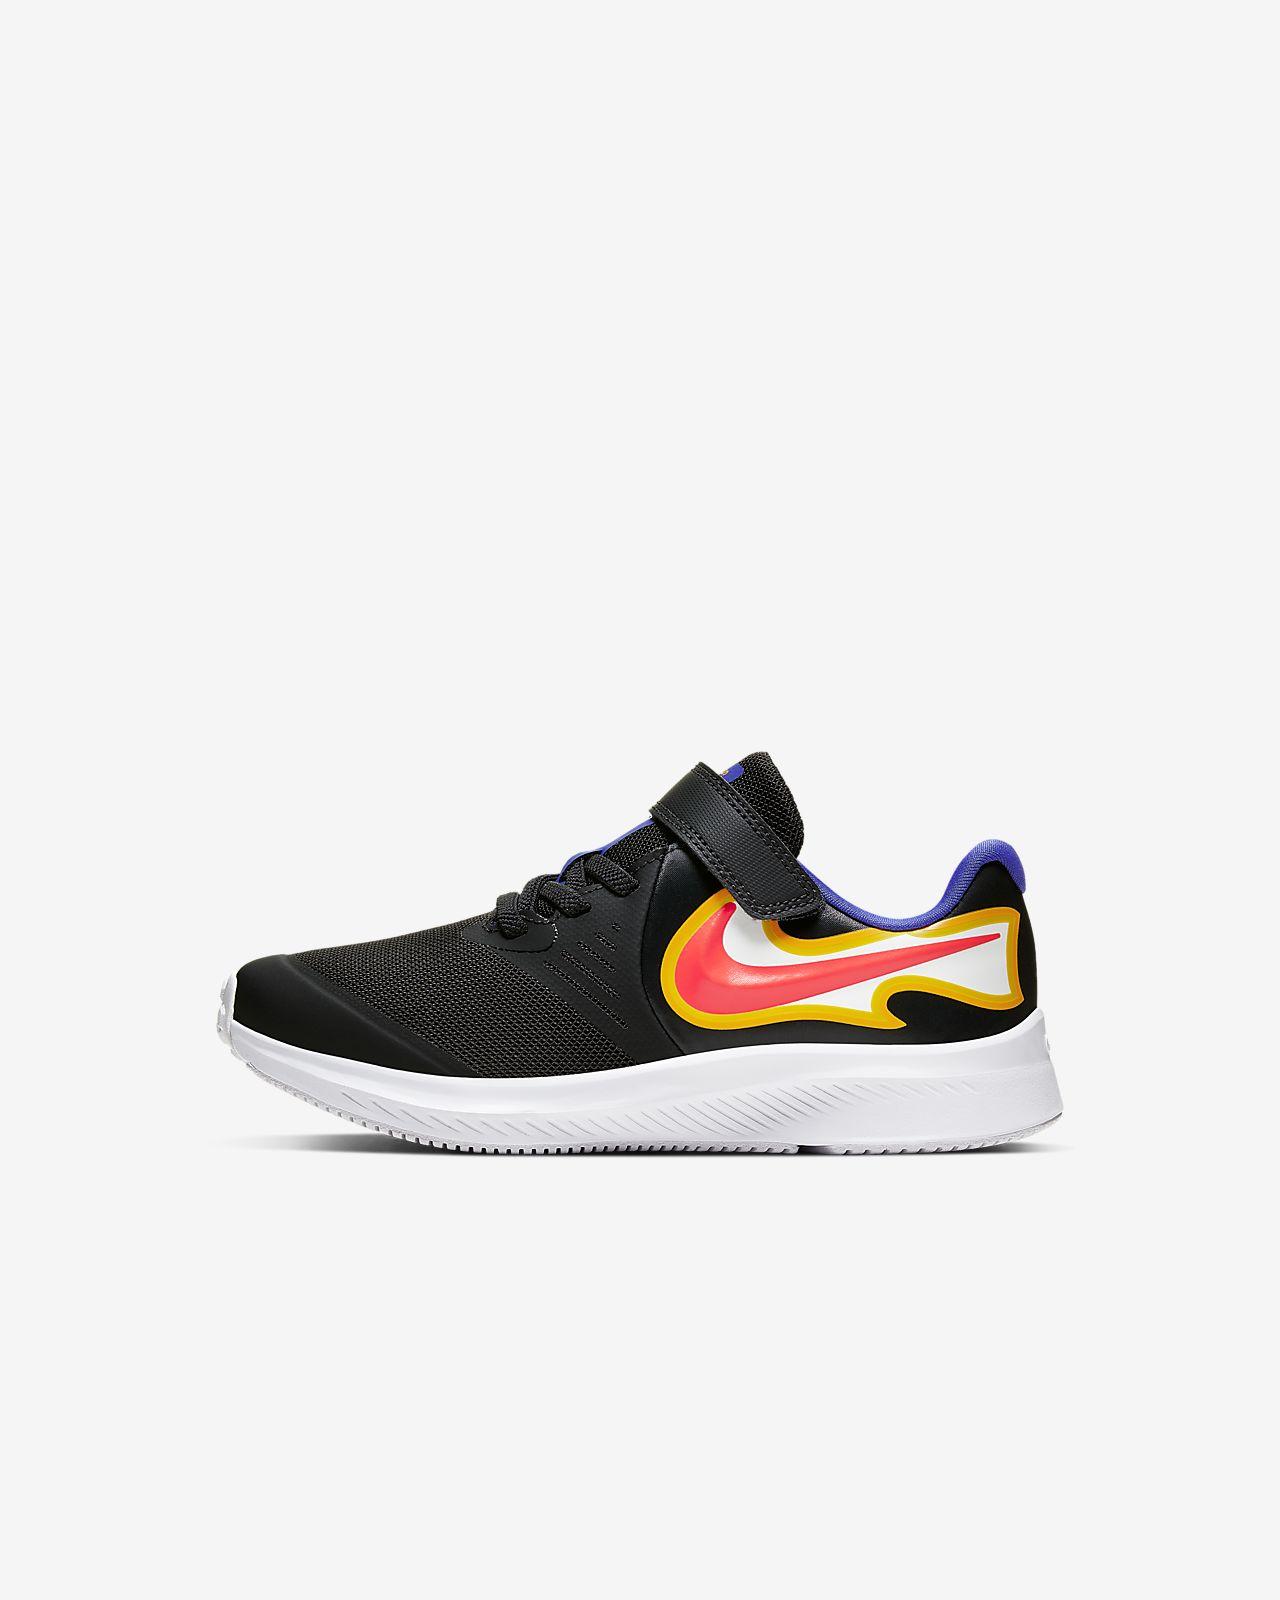 Nike Star Runner 2 Fire (PSV) 幼童运动童鞋